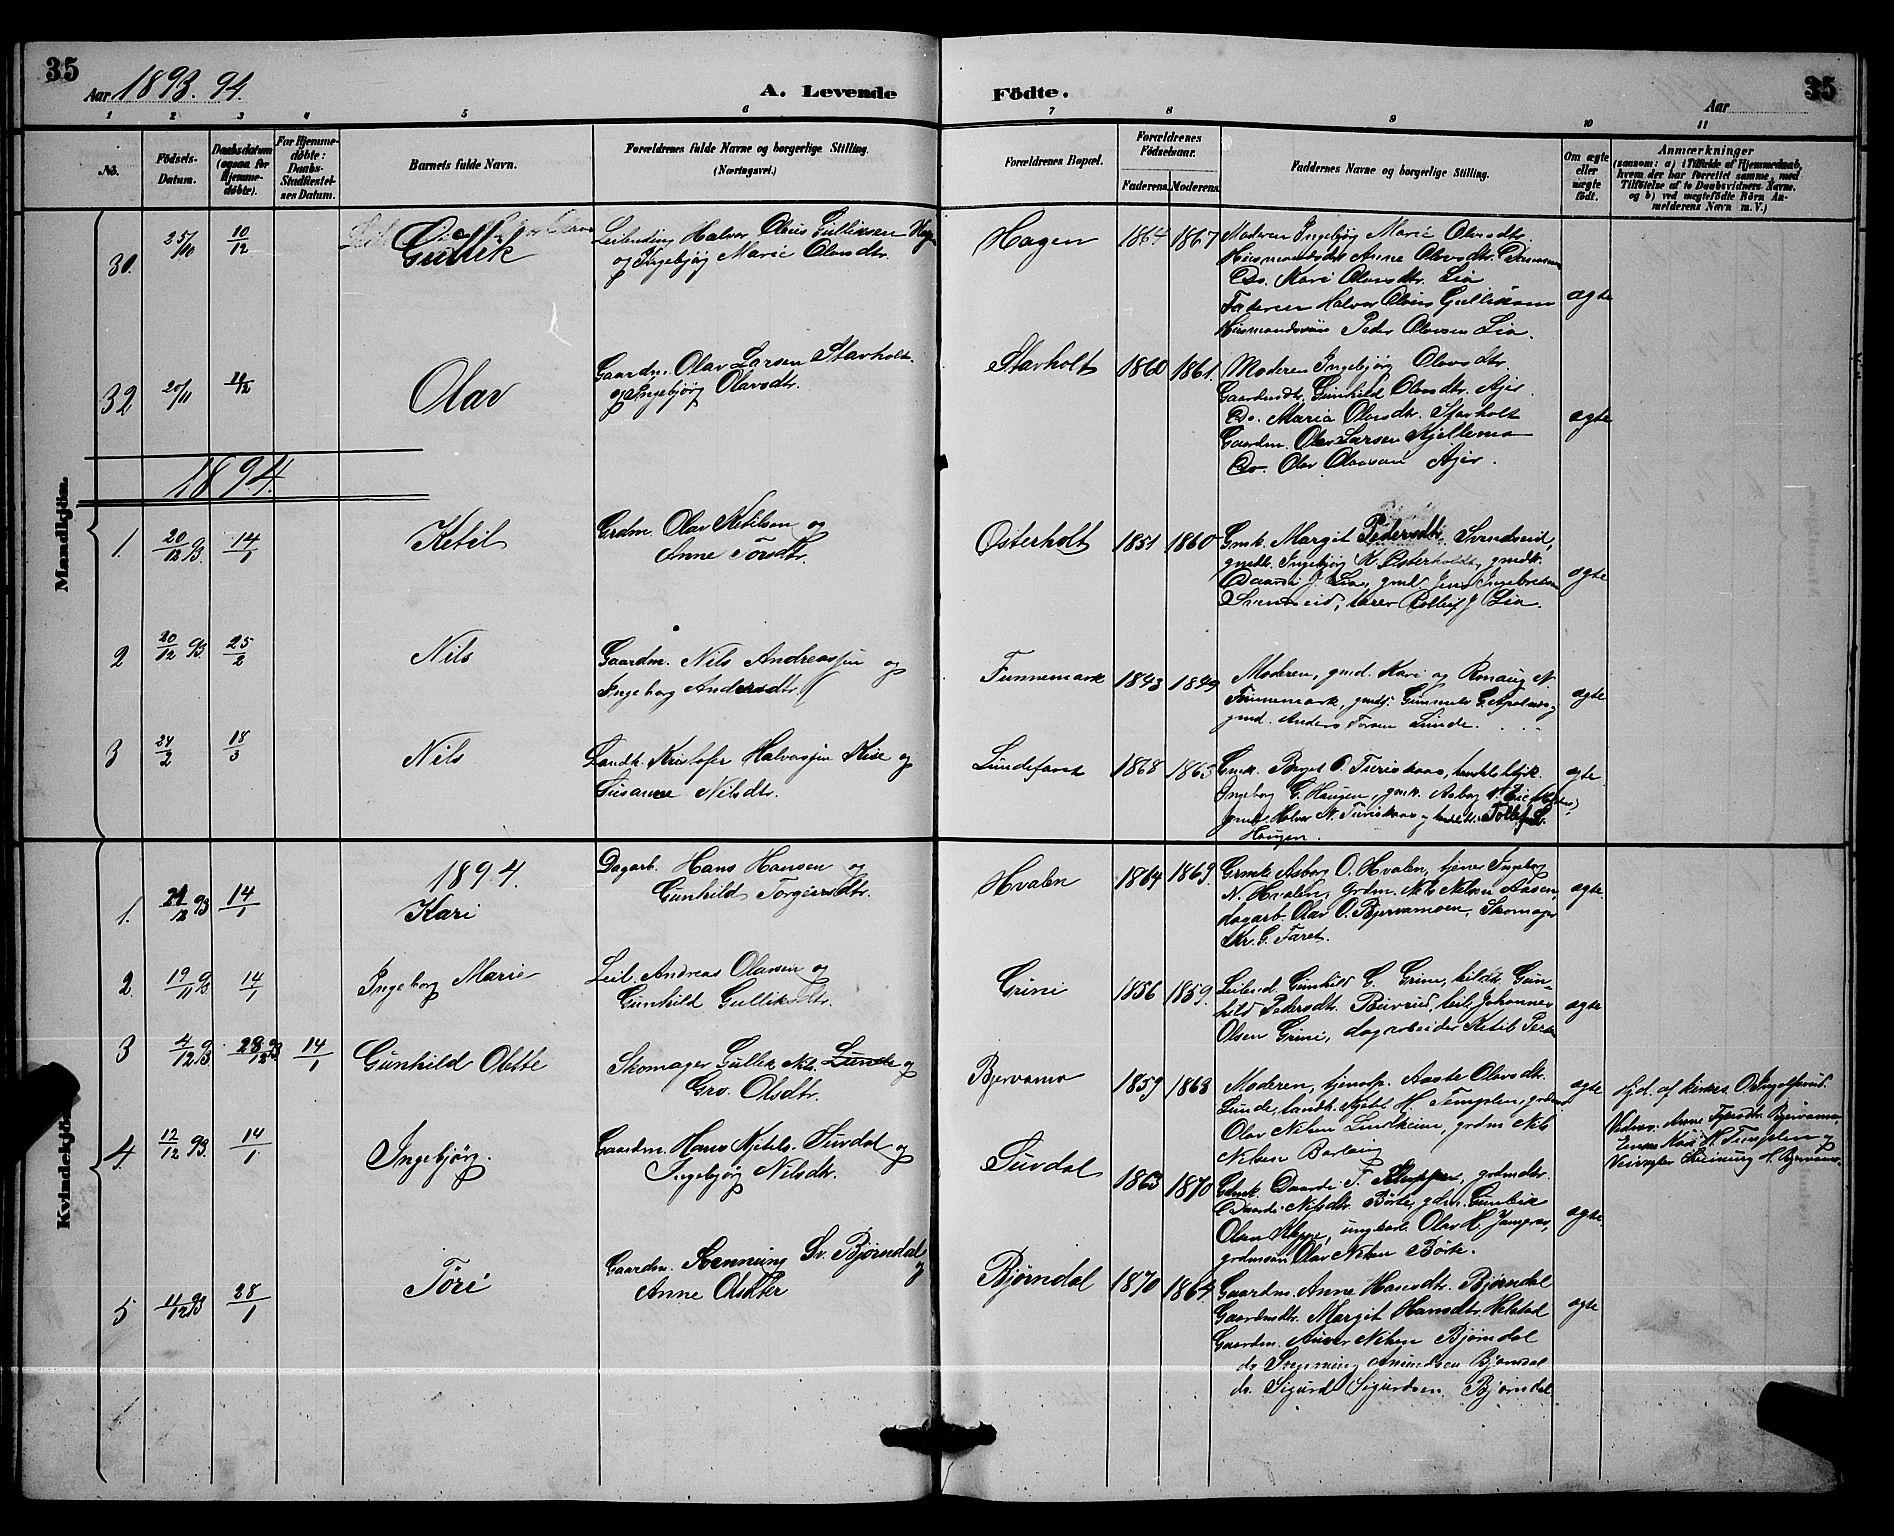 SAKO, Lunde kirkebøker, G/Ga/L0002: Klokkerbok nr. I 2, 1887-1896, s. 35